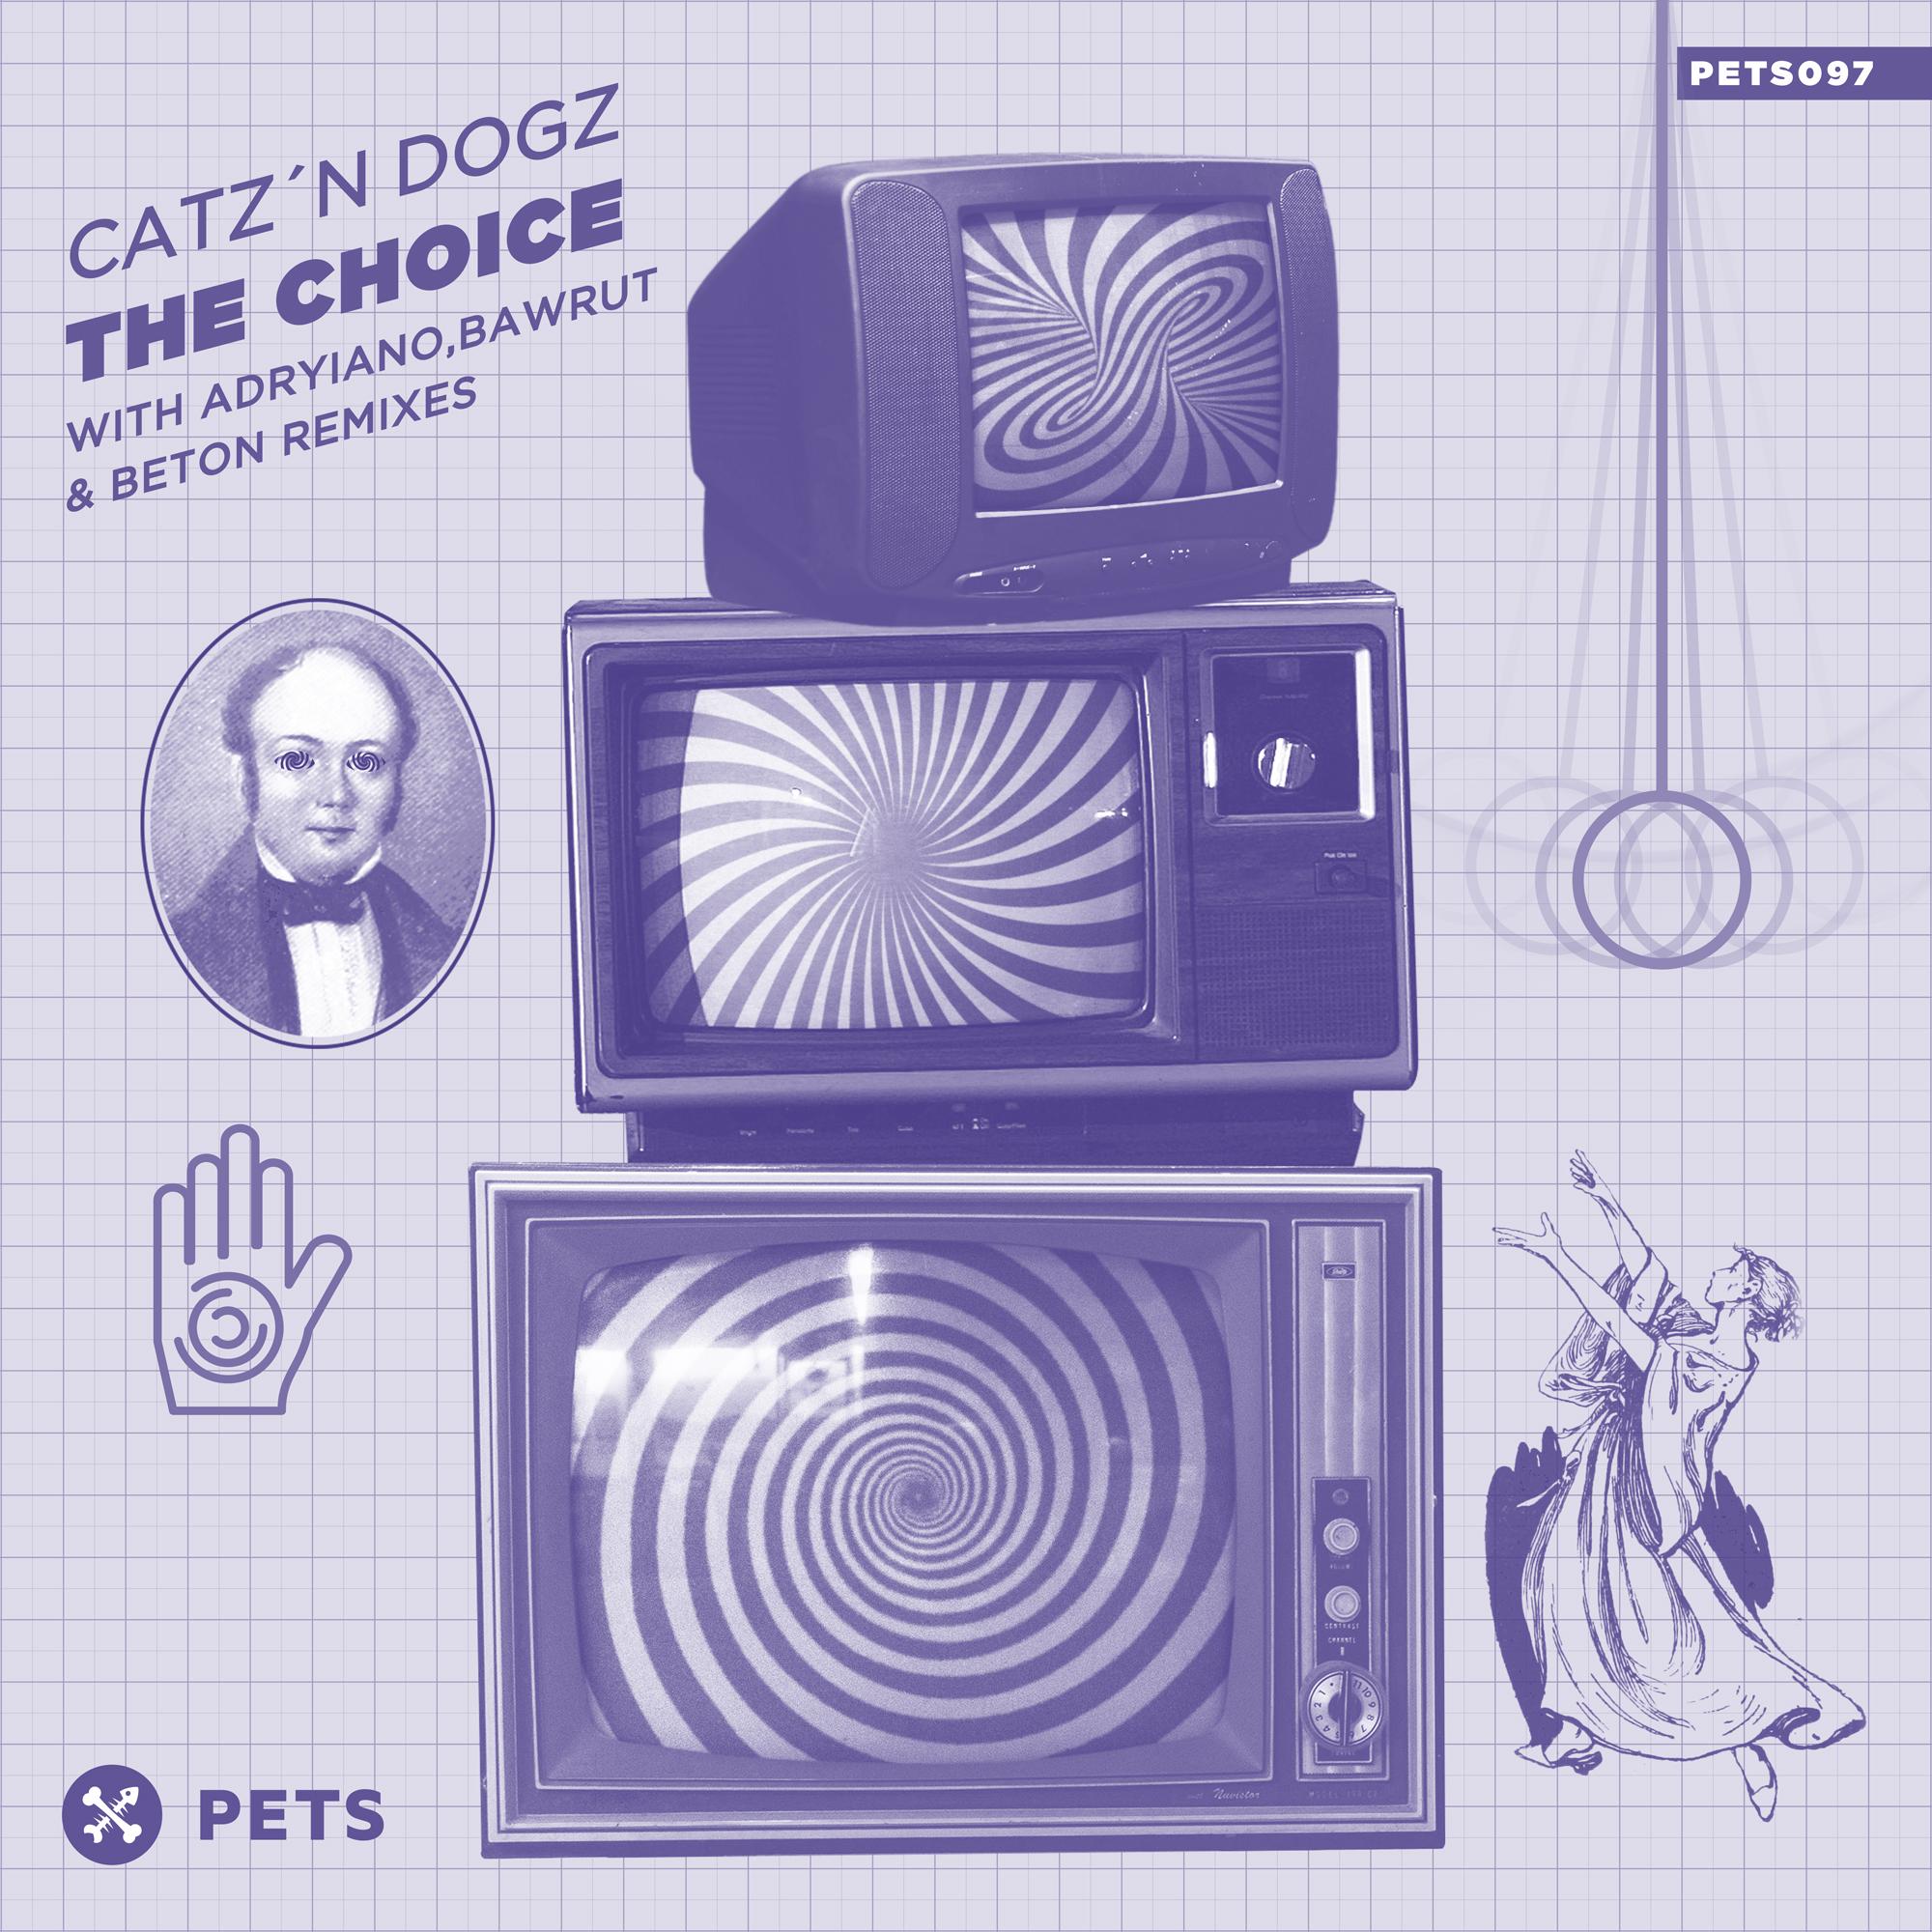 Catz 'n Dogz - The Choice